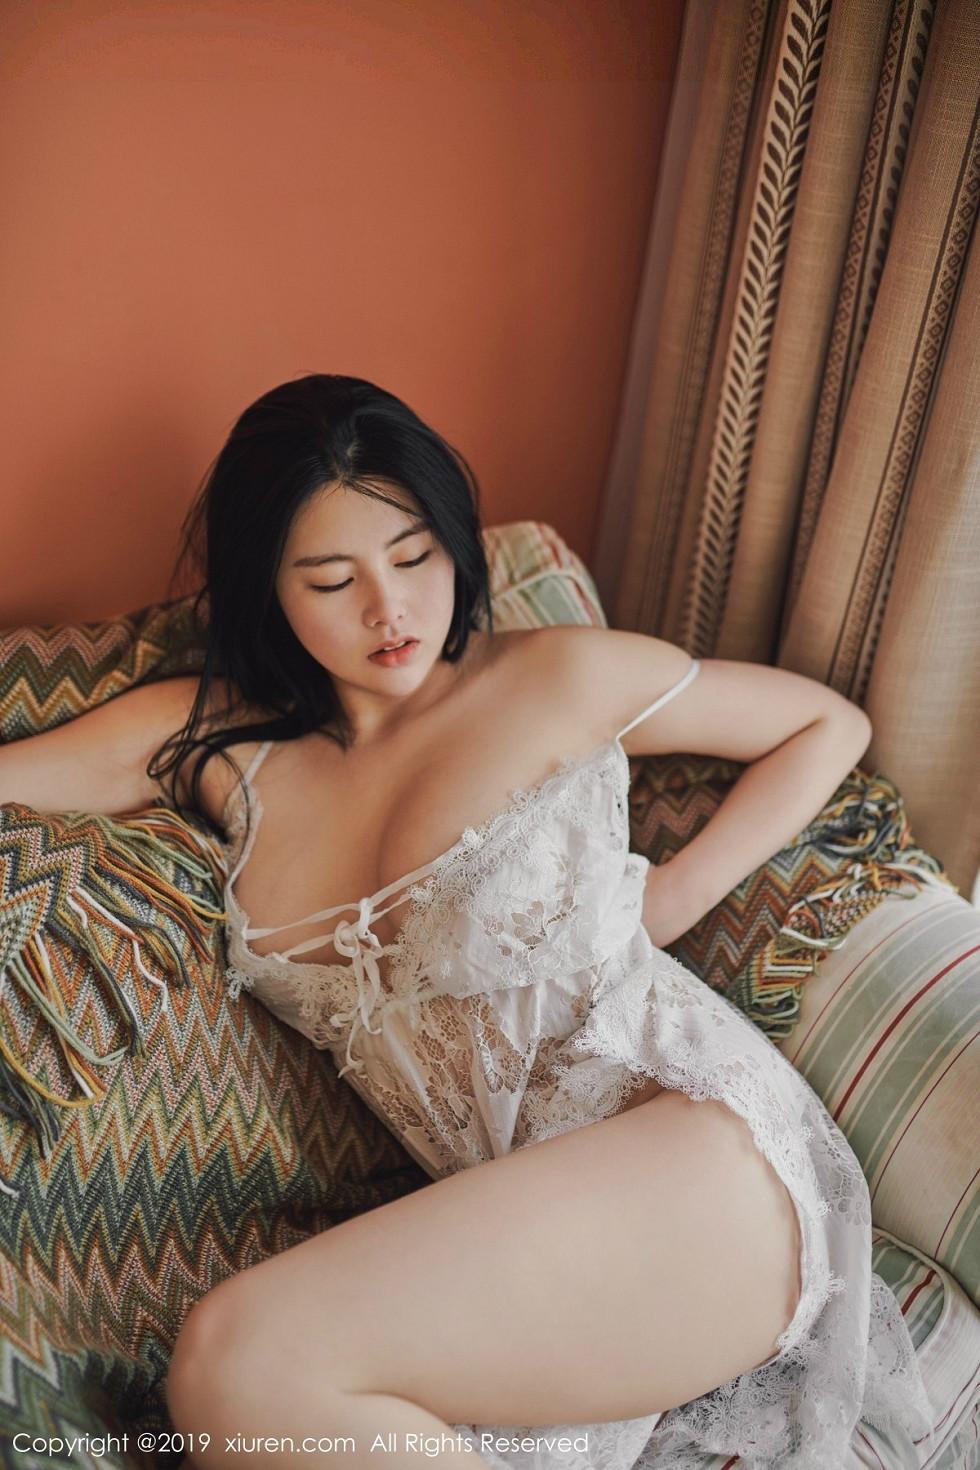 嫩模娜露Selena私房白色镂空情趣内衣+护士装完美诱惑无圣光写真41P